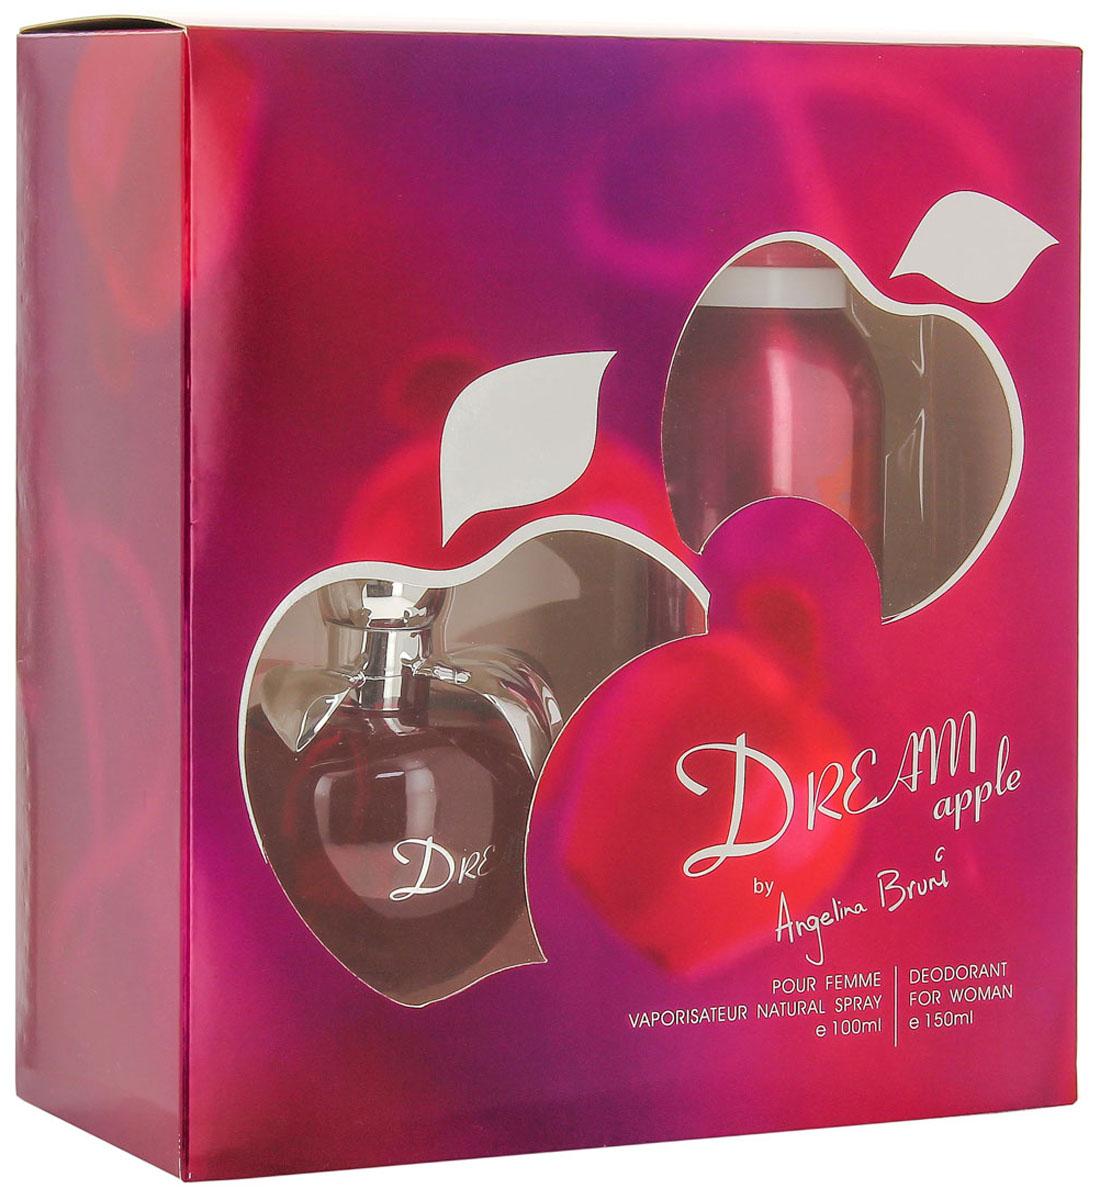 КПК-Парфюм Подарочный набор для женщин Dream Apple: Туалетная вода, 100 мл + Парфюмированный дезодорант, 150 млКПК250DREAM APPLE это аромат для женщин. Верхние ноты: Амальфитанский лимон и лайм; ноты сердца: яблоко Гренни Смит, пион, пралине и дурман; ноты базы: яблоня, мускус и кедр из Вирджинии.